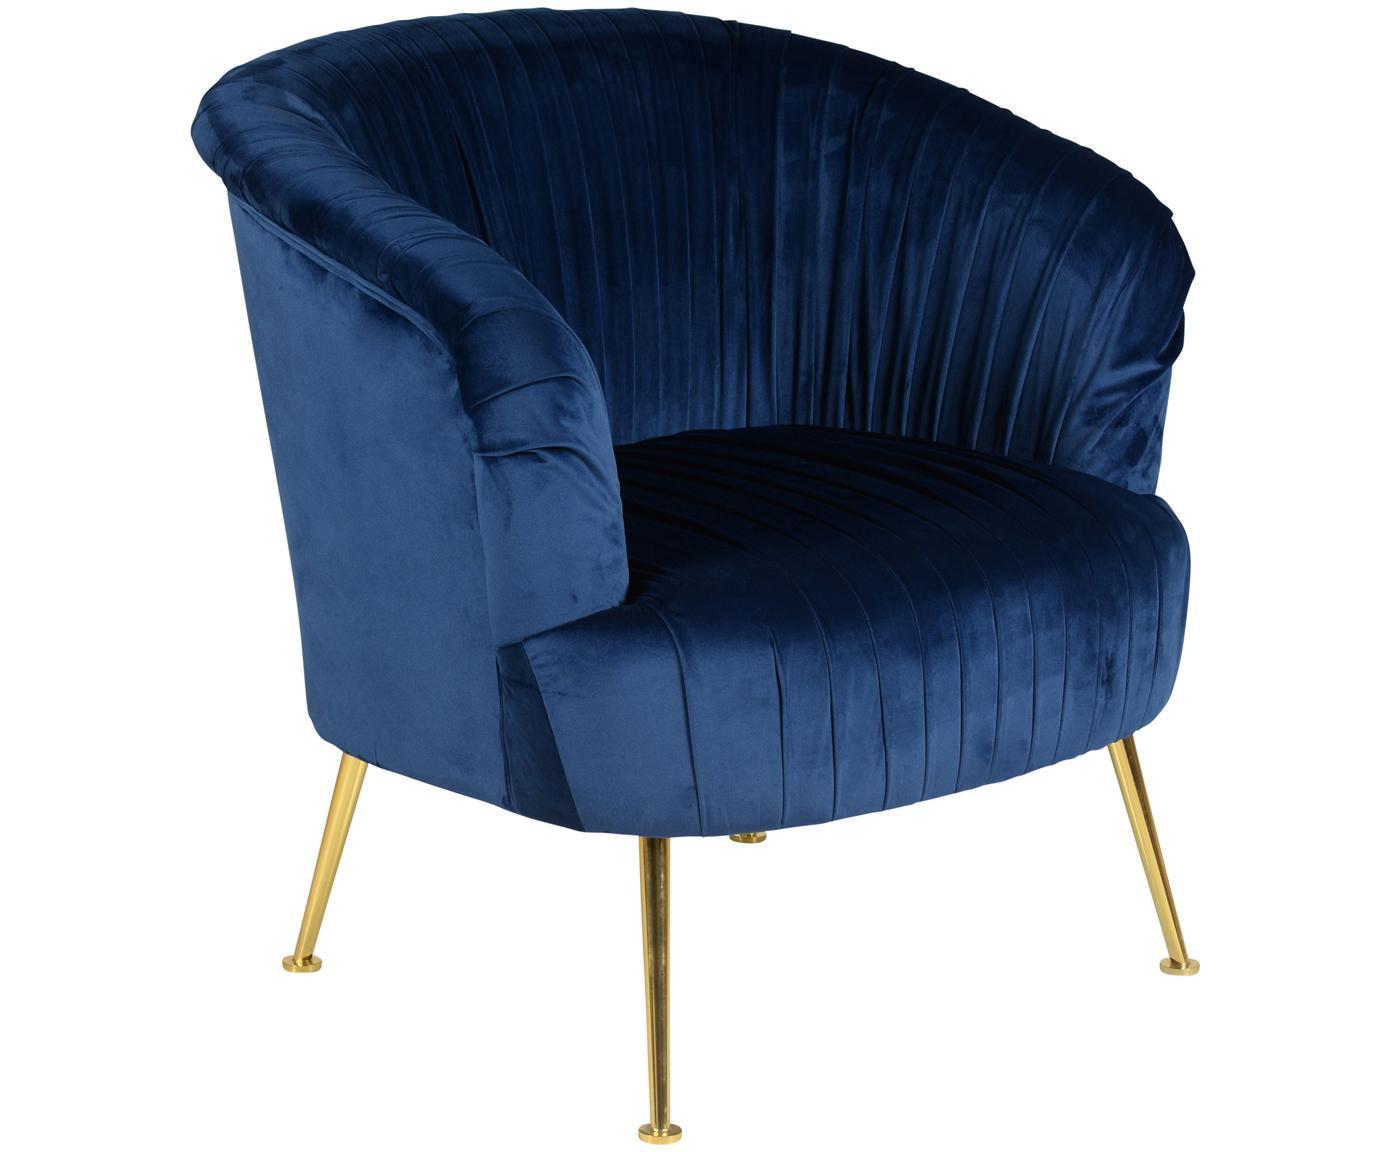 Fotel z aksamitu Diva, Tapicerka: aksamit poliestrowy 8500, Nogi: metal lakierowany, Aksamit ciemny niebieski, S 73 x G 83 cm